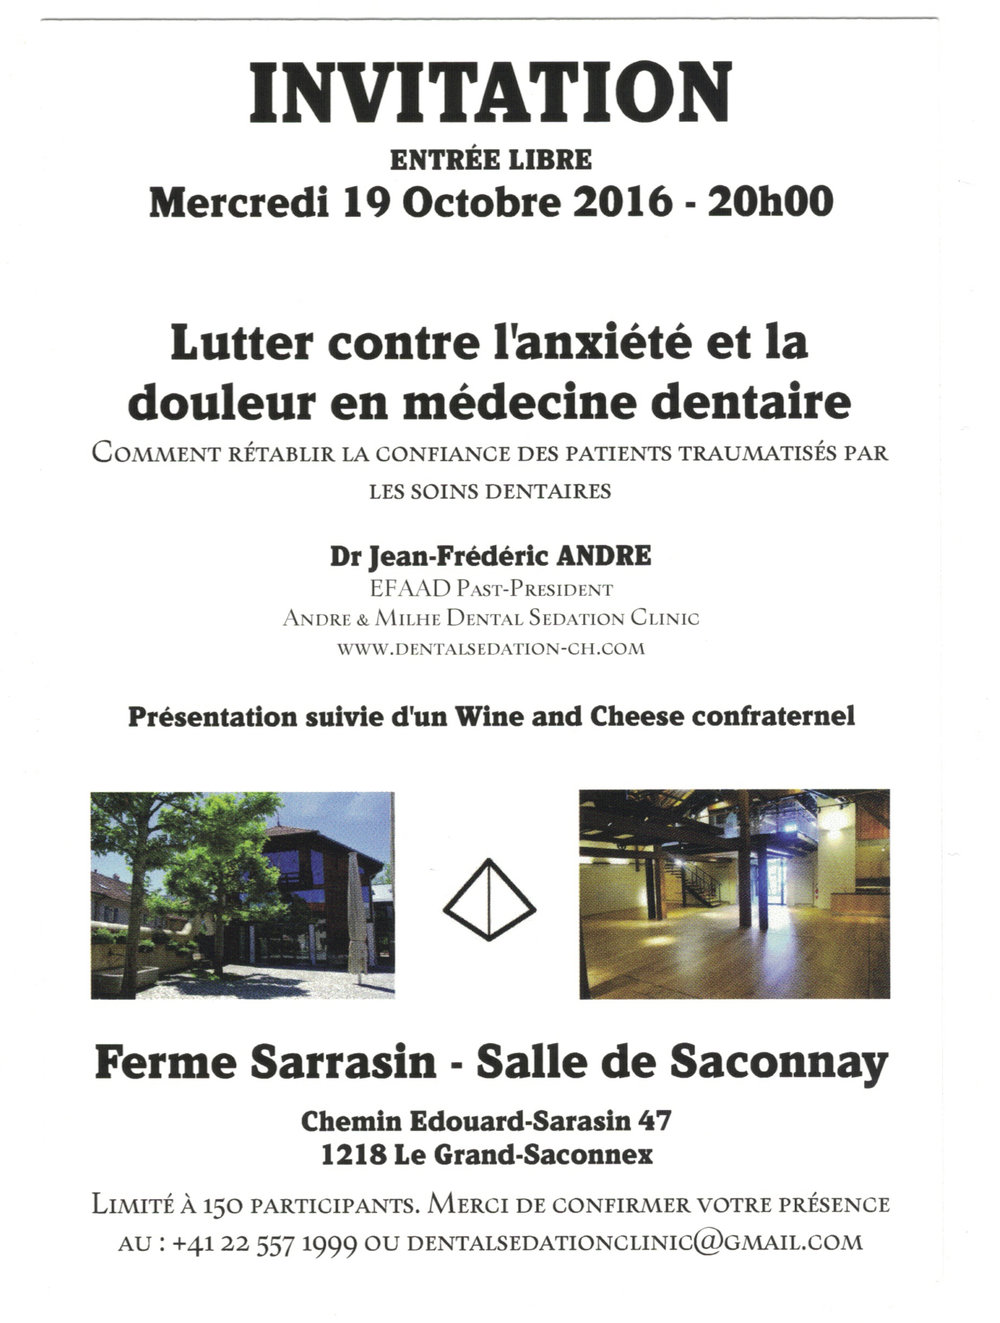 Invitation confrères Sarasin.jpg